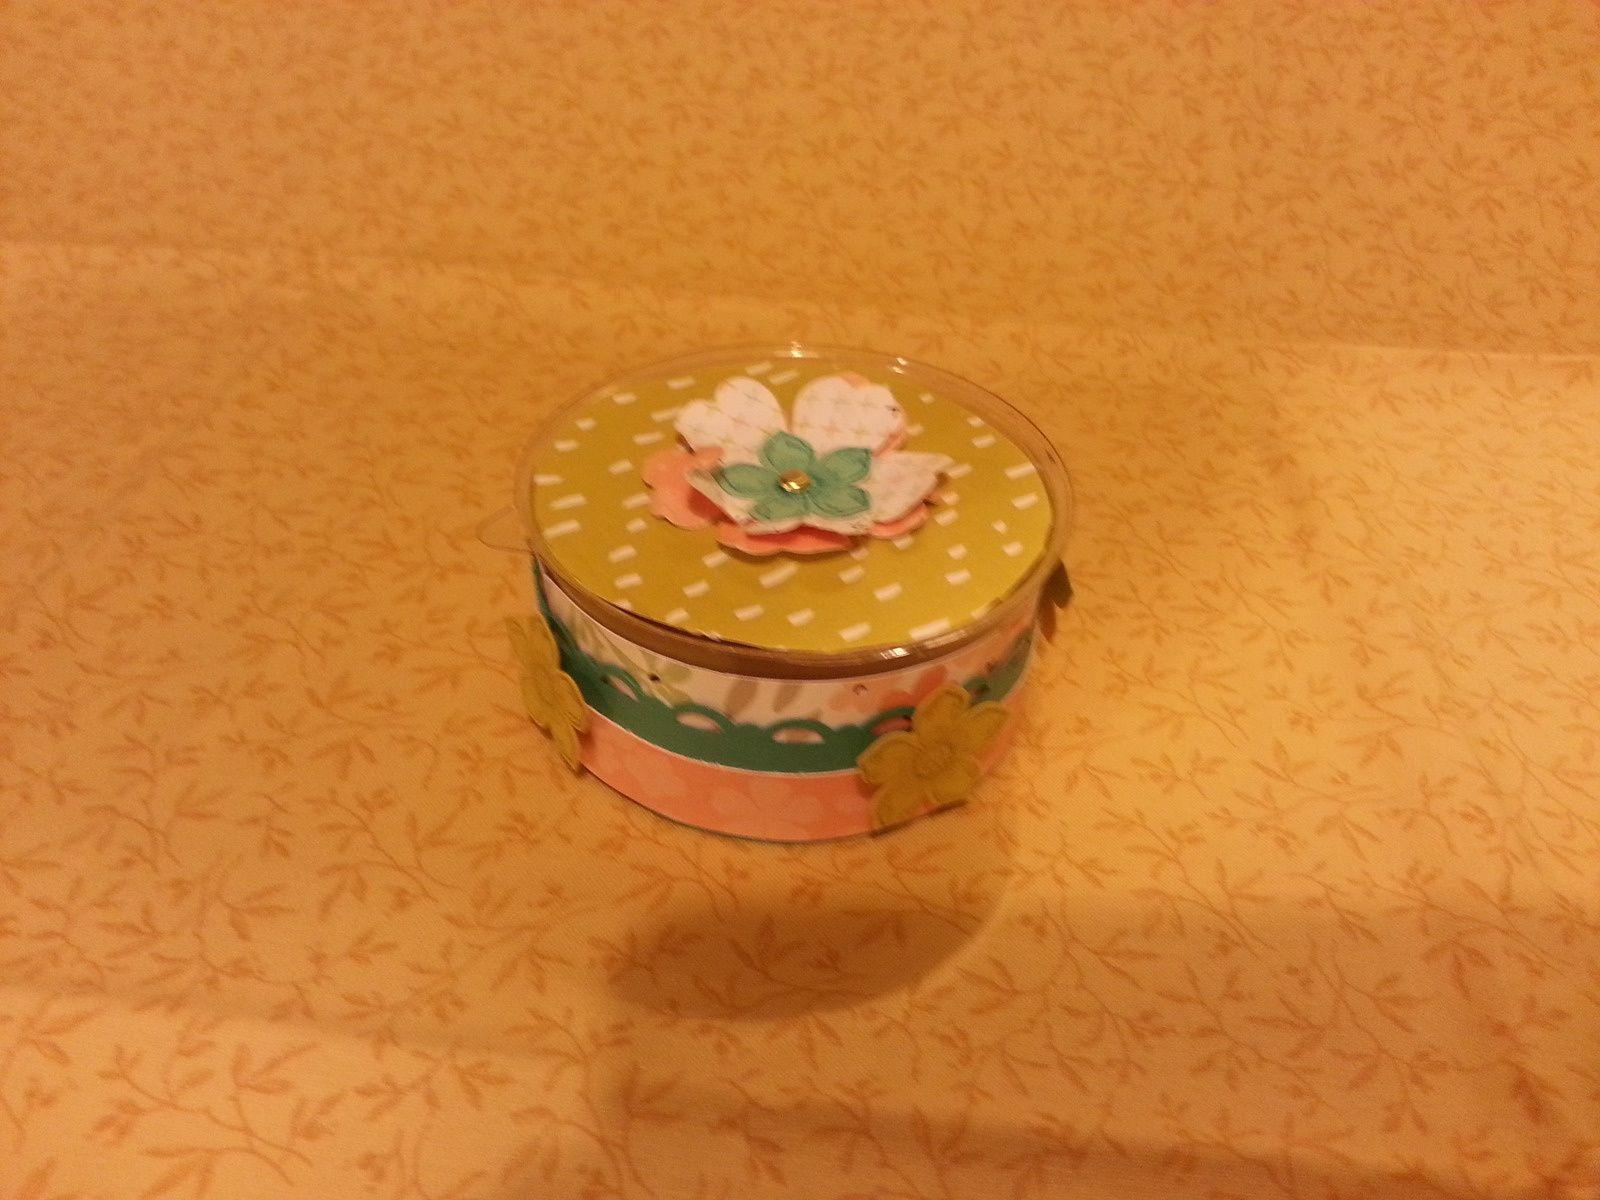 Une boite faite a la perfo tag ,une pochette a sachet de thé,une carte fanion,et une  boite a bombons.